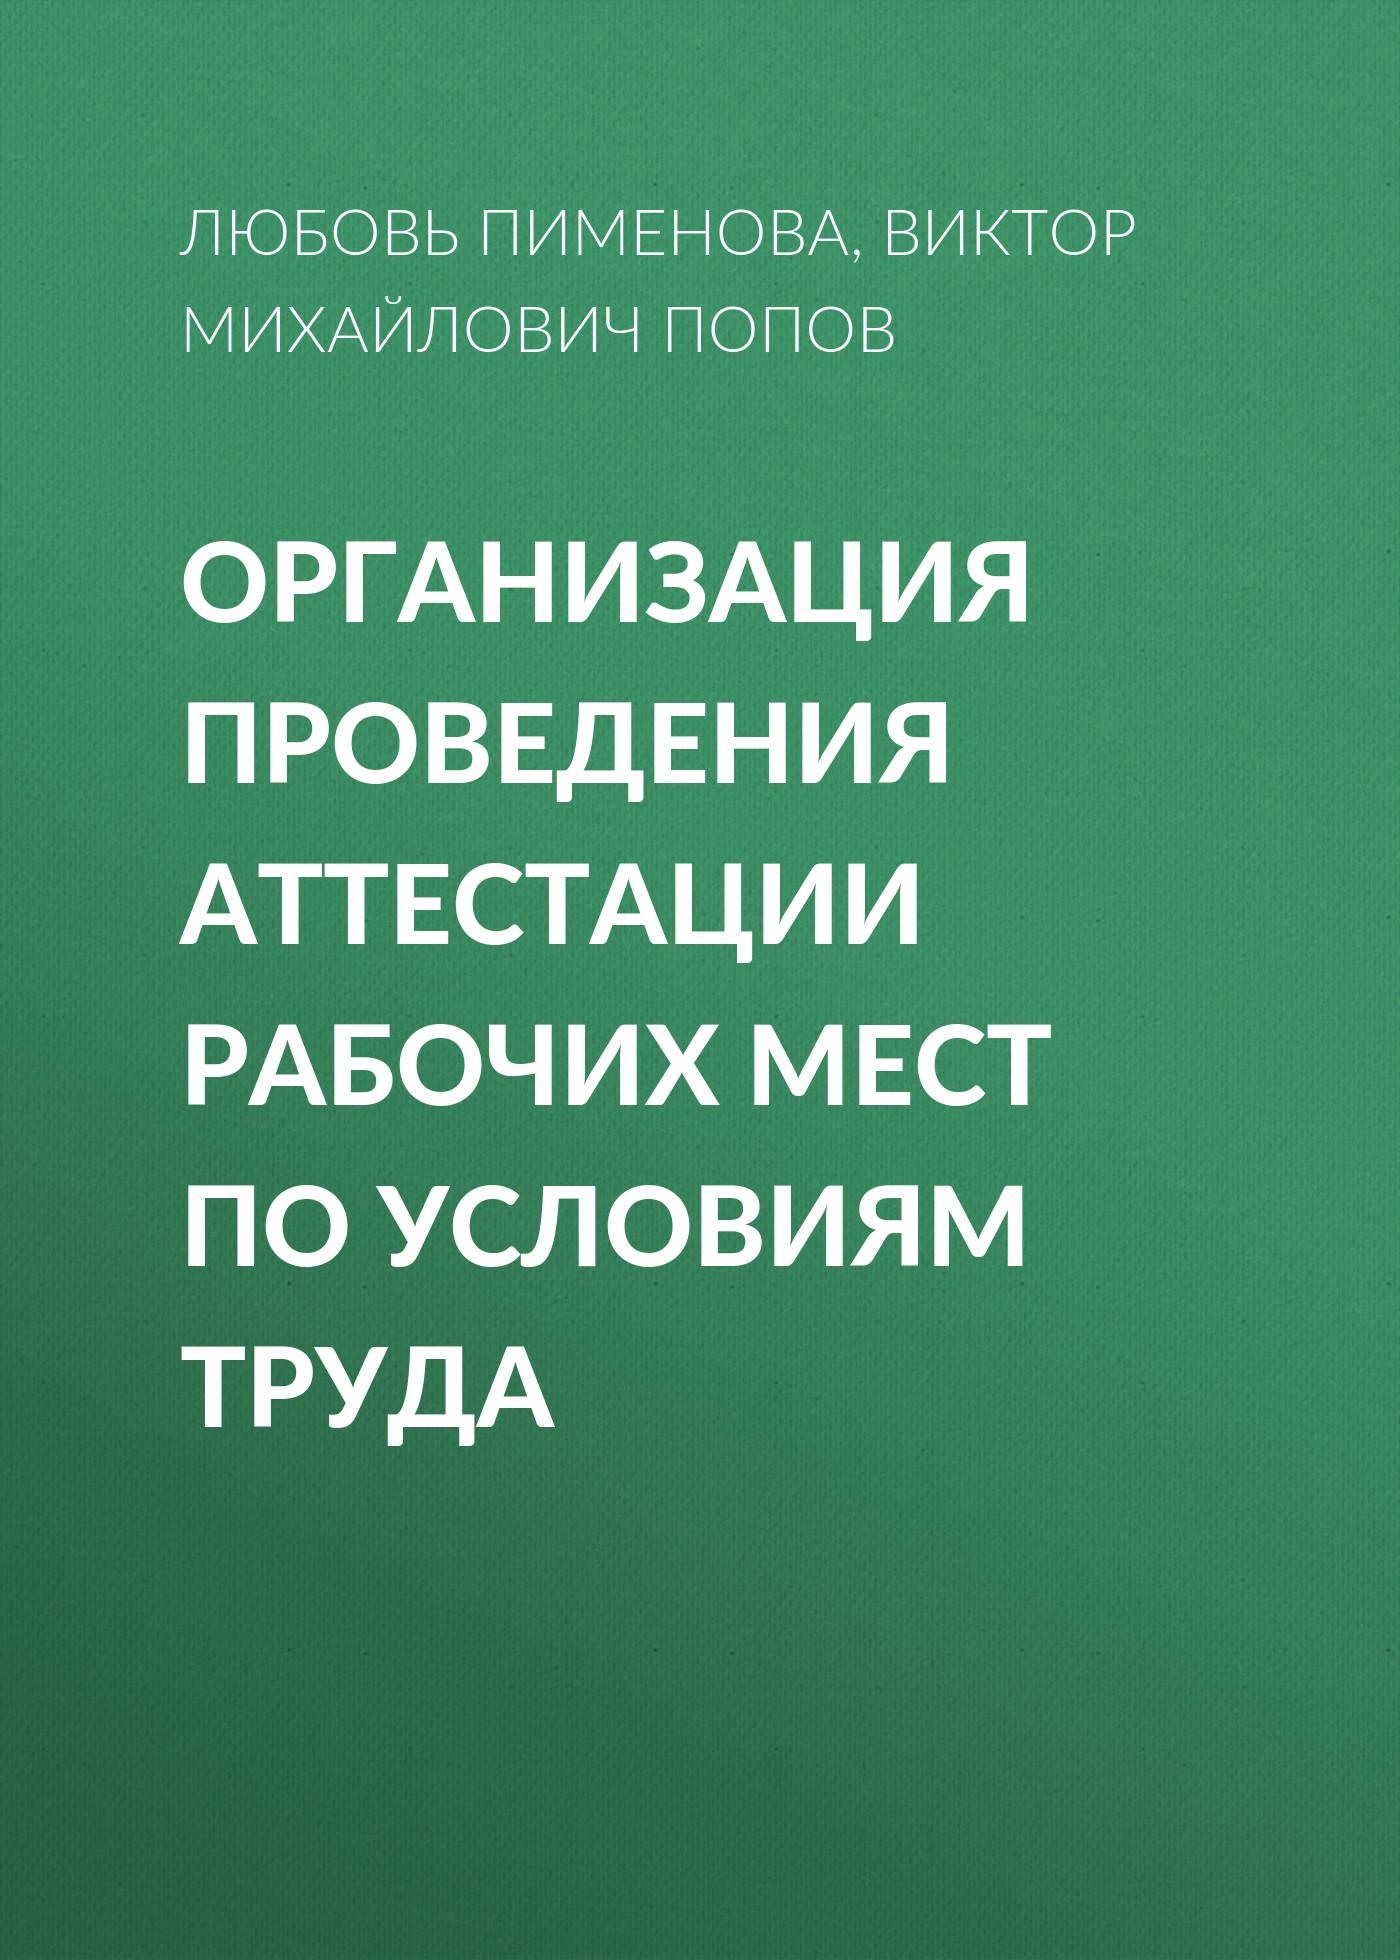 Виктор Михайлович Попов Организация проведения аттестации рабочих мест по условиям труда